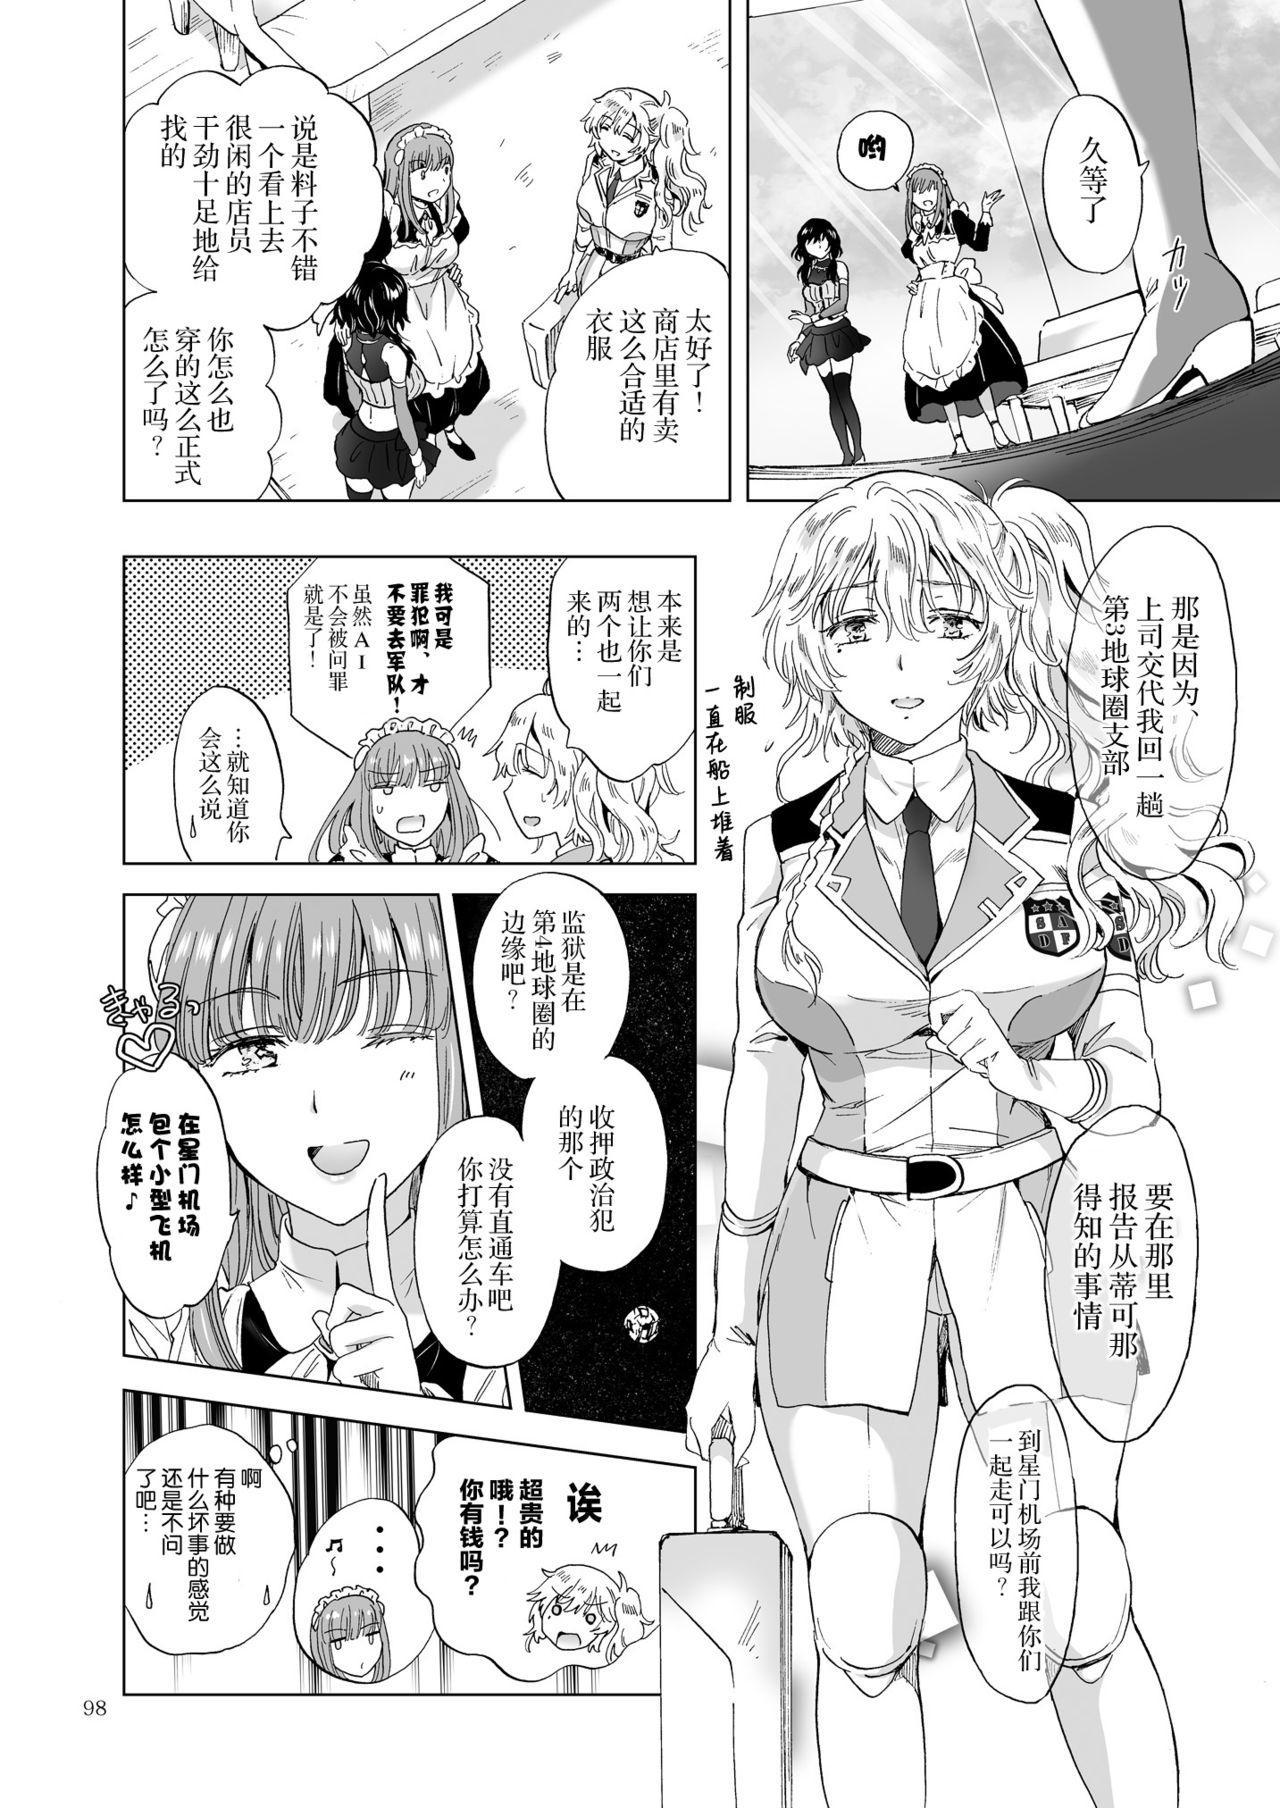 夢色のレプリカ【上】アンドロイドと背徳の契り 97